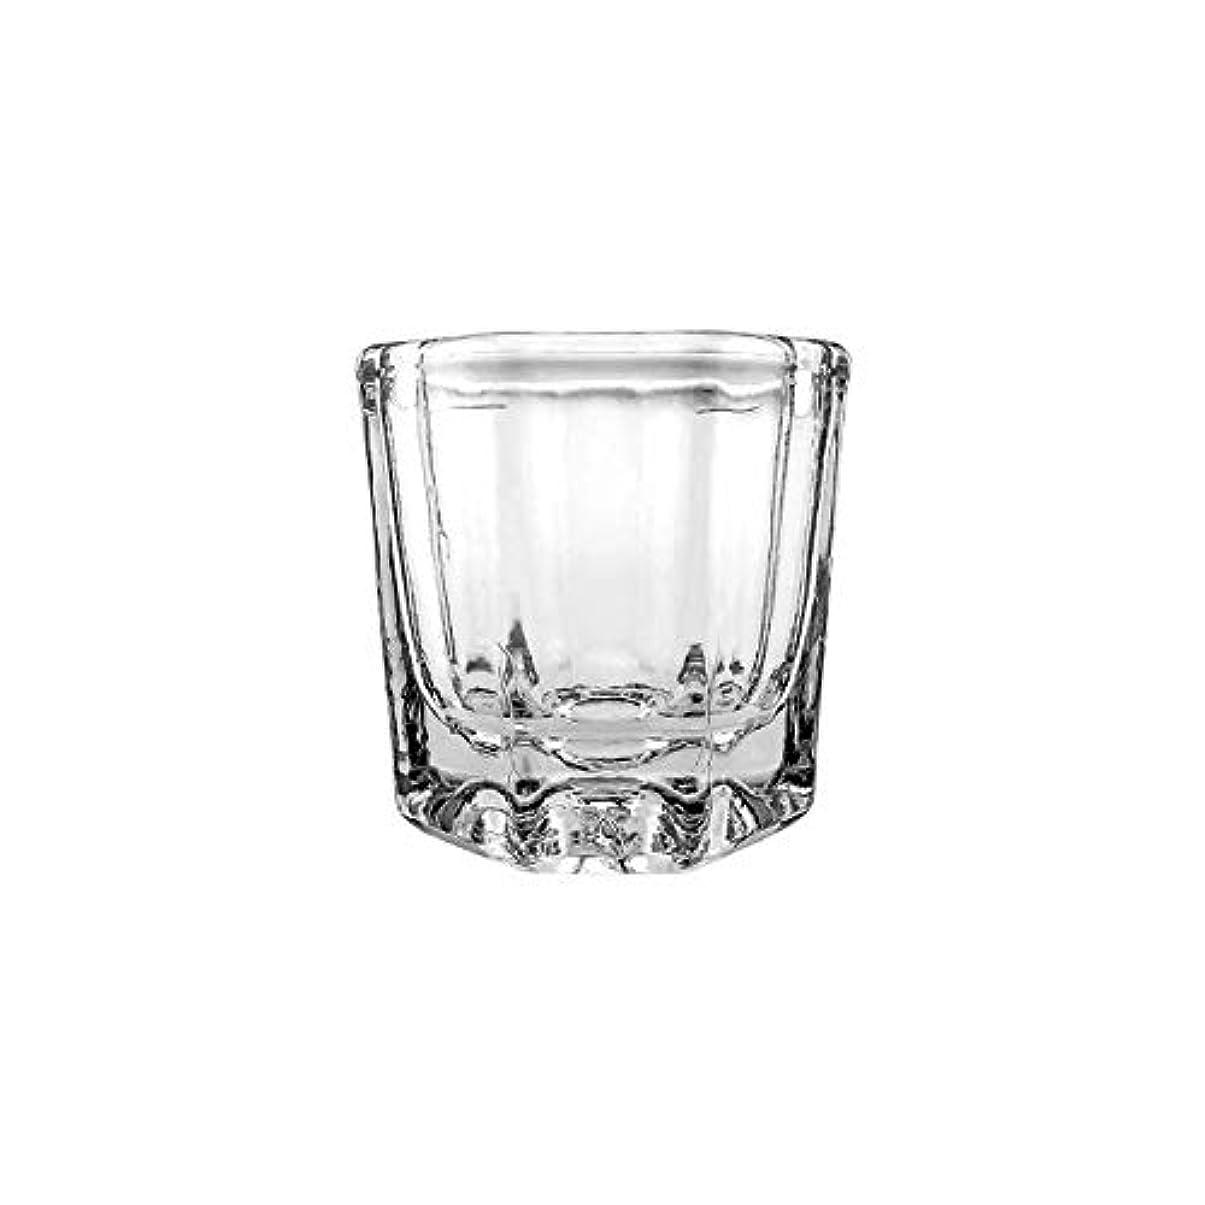 名門条件付き定期的なLALONA ダッペンディッシュ (ガラス製) (耐溶剤) ジェルネイル スカルプチュア ブラシの洗浄に